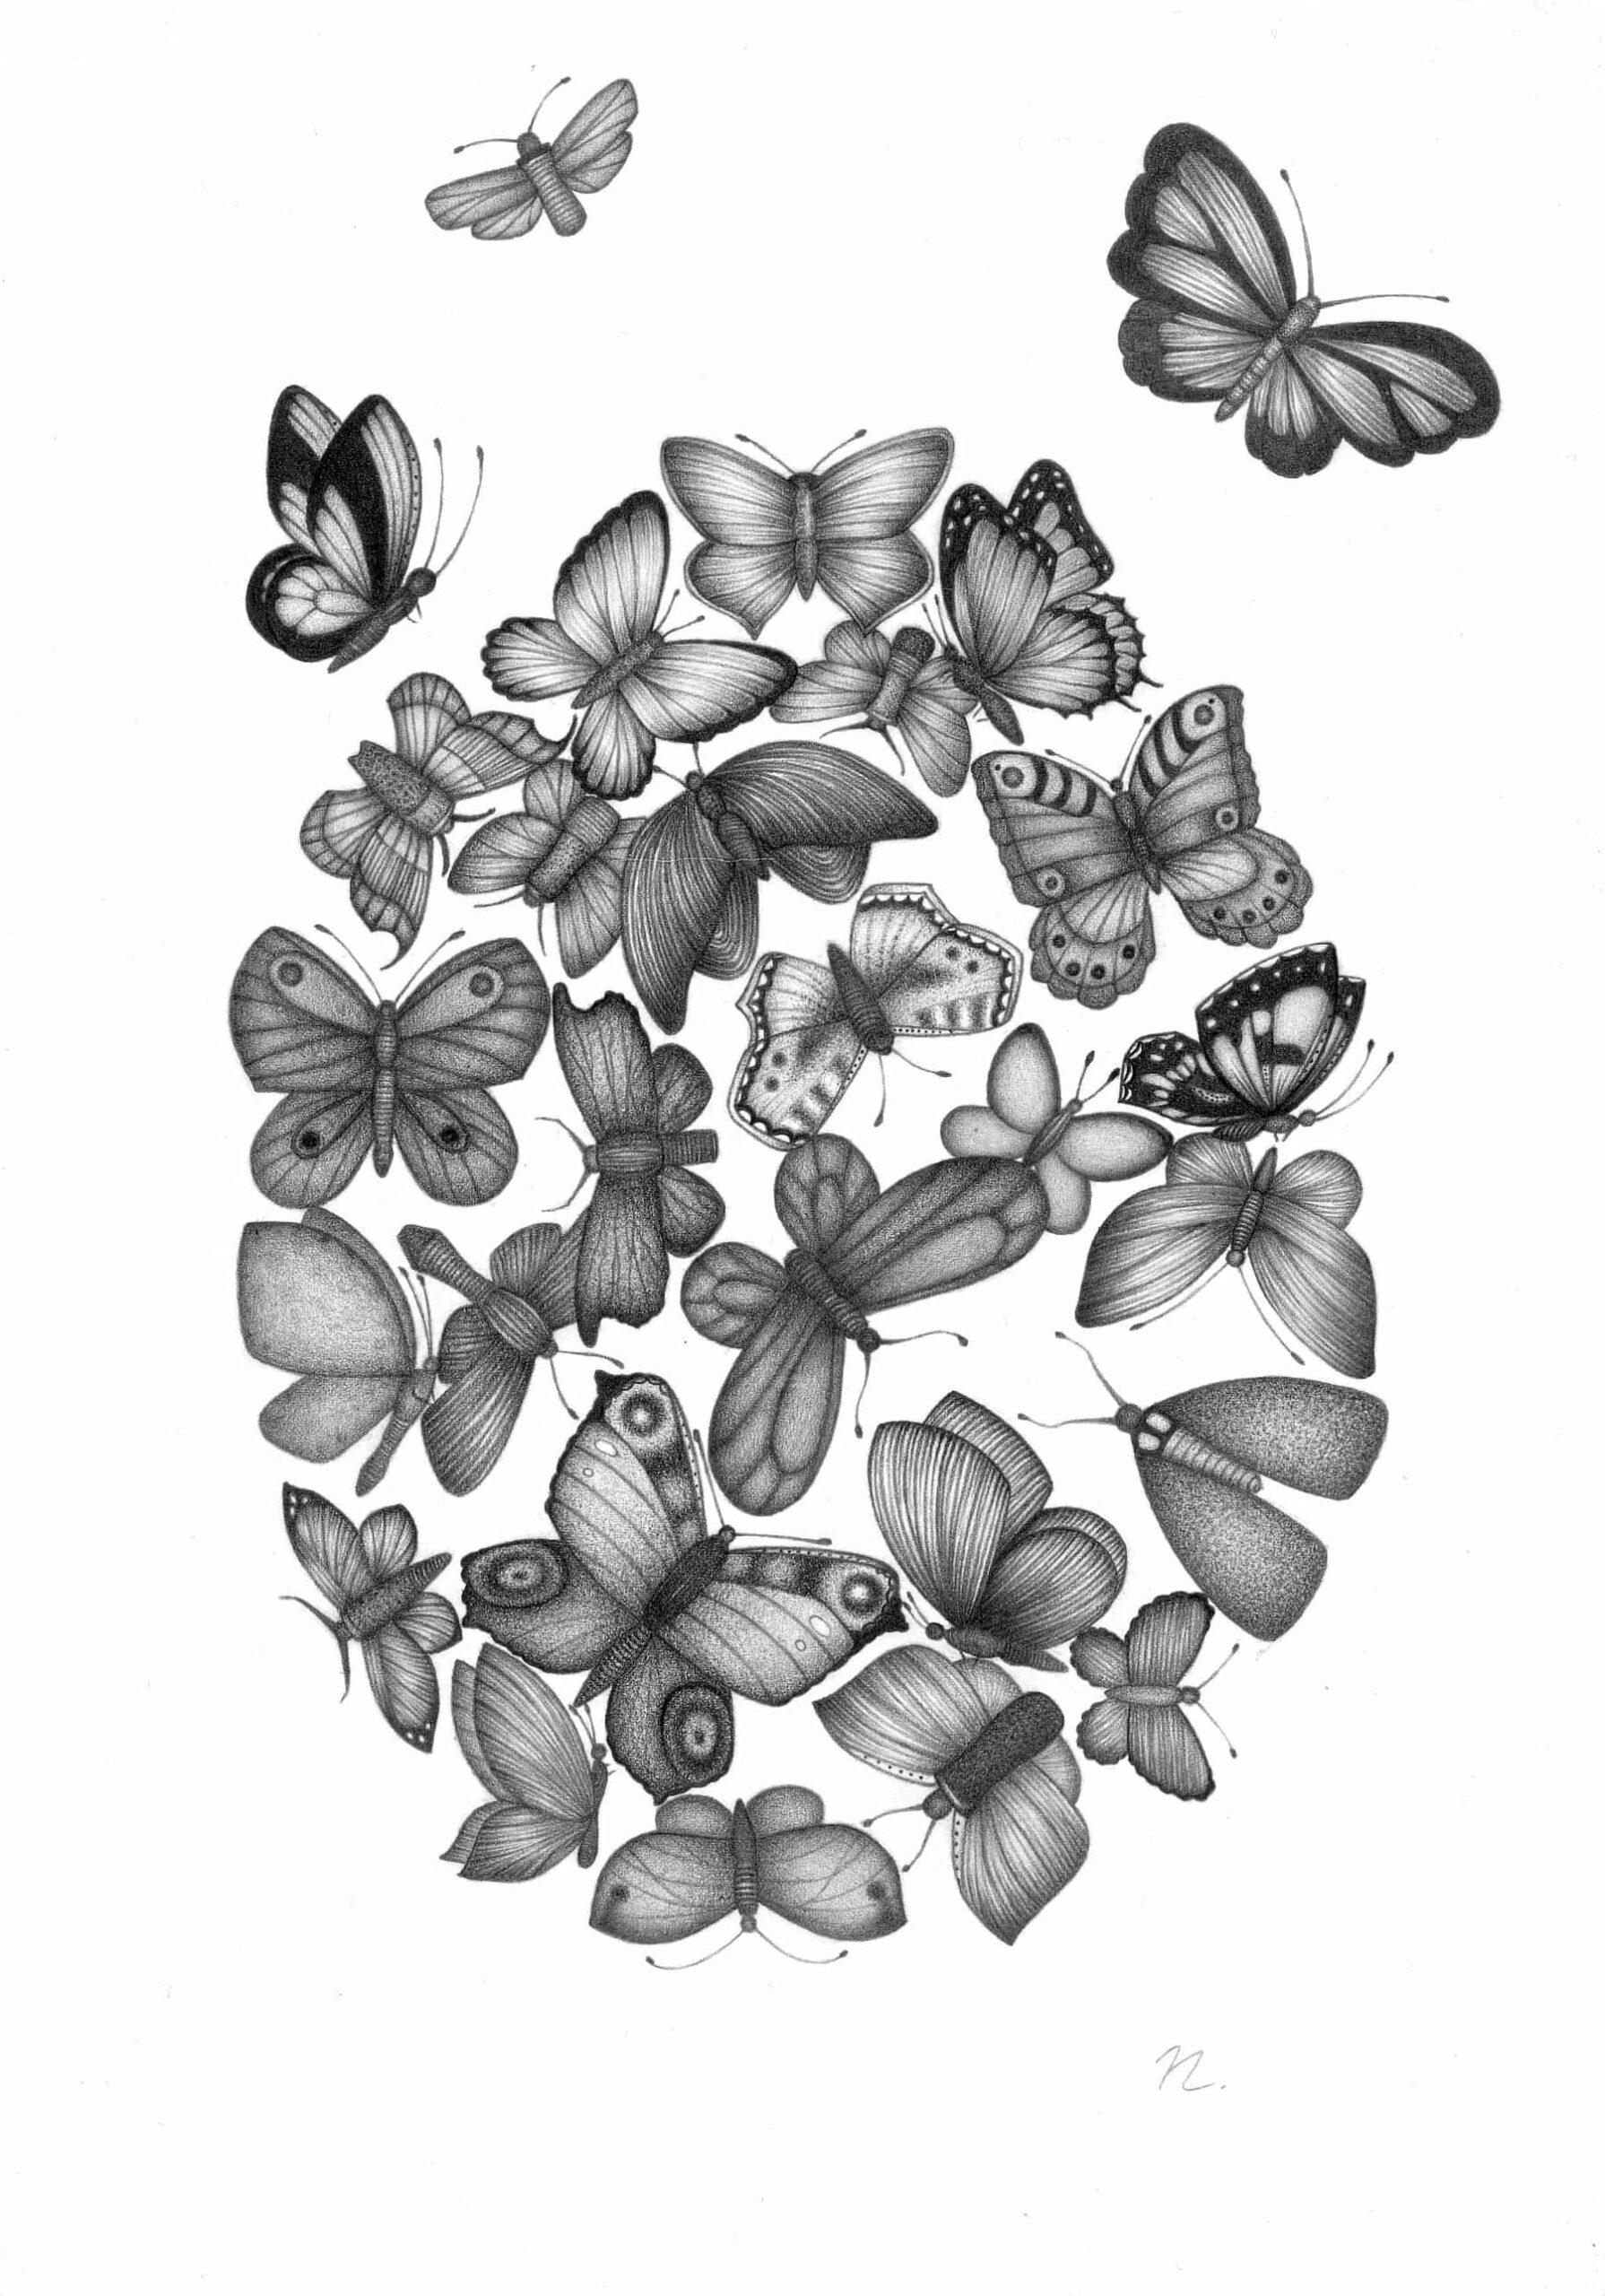 Schmetterlinge im Bauch - 21,0cm x 29,7cm - Bleistift auf Papier by nadin Wunderlich